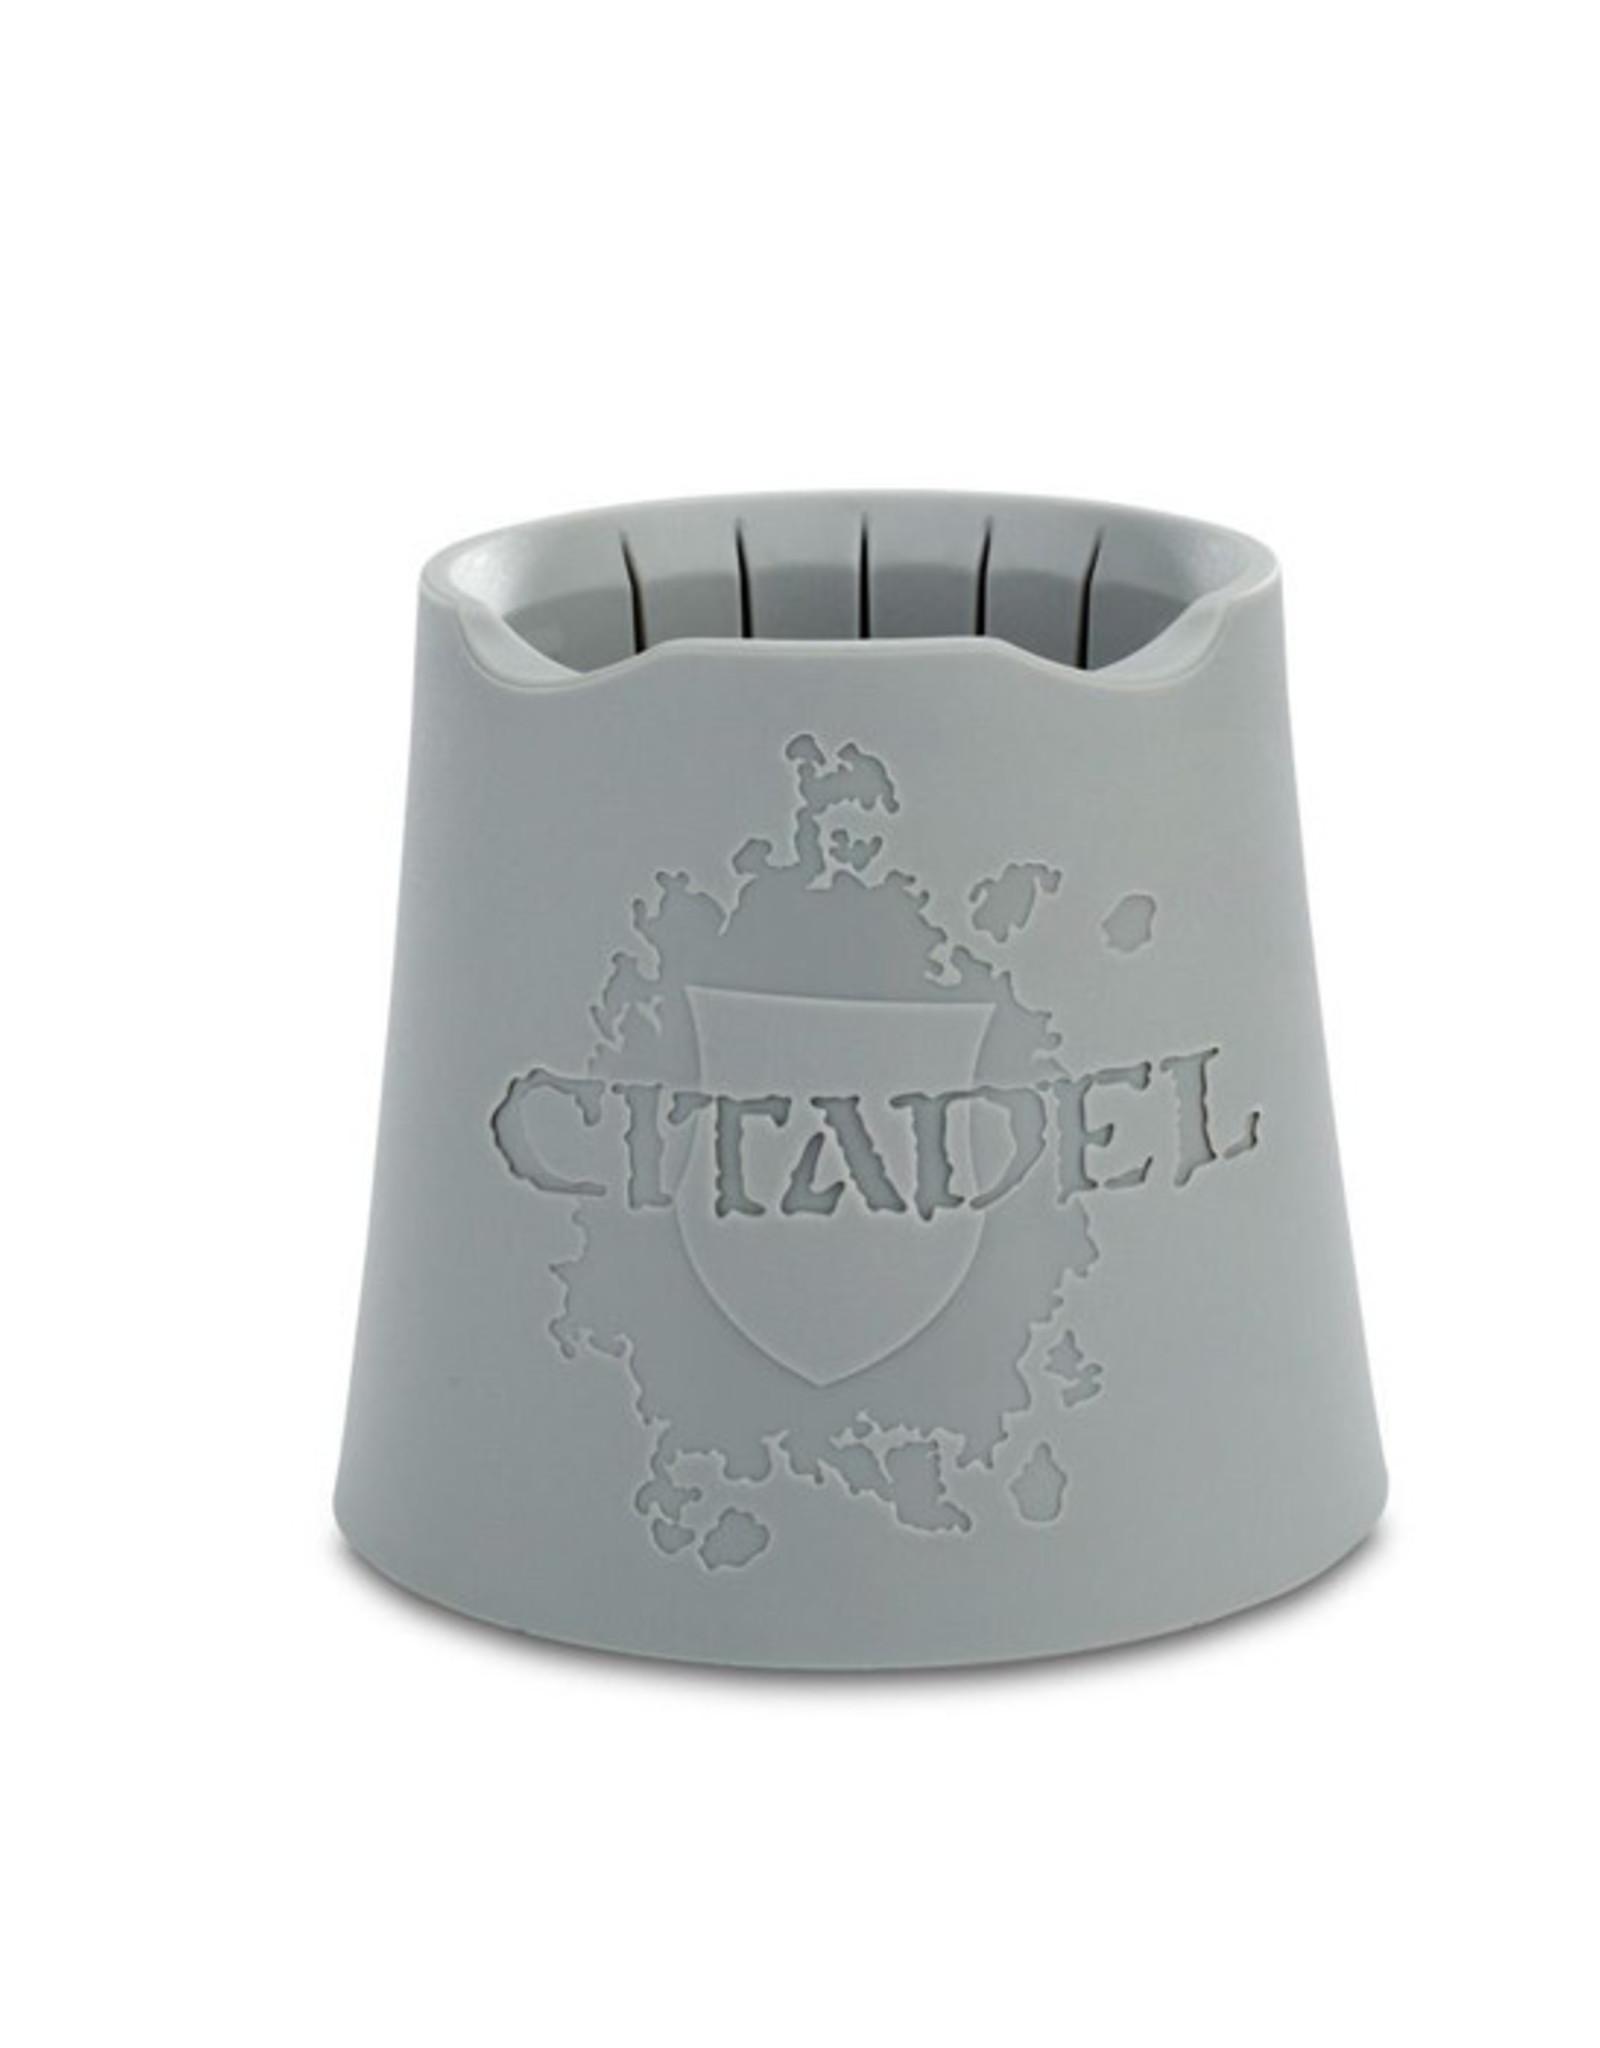 Citadel Citadel: Water Pot